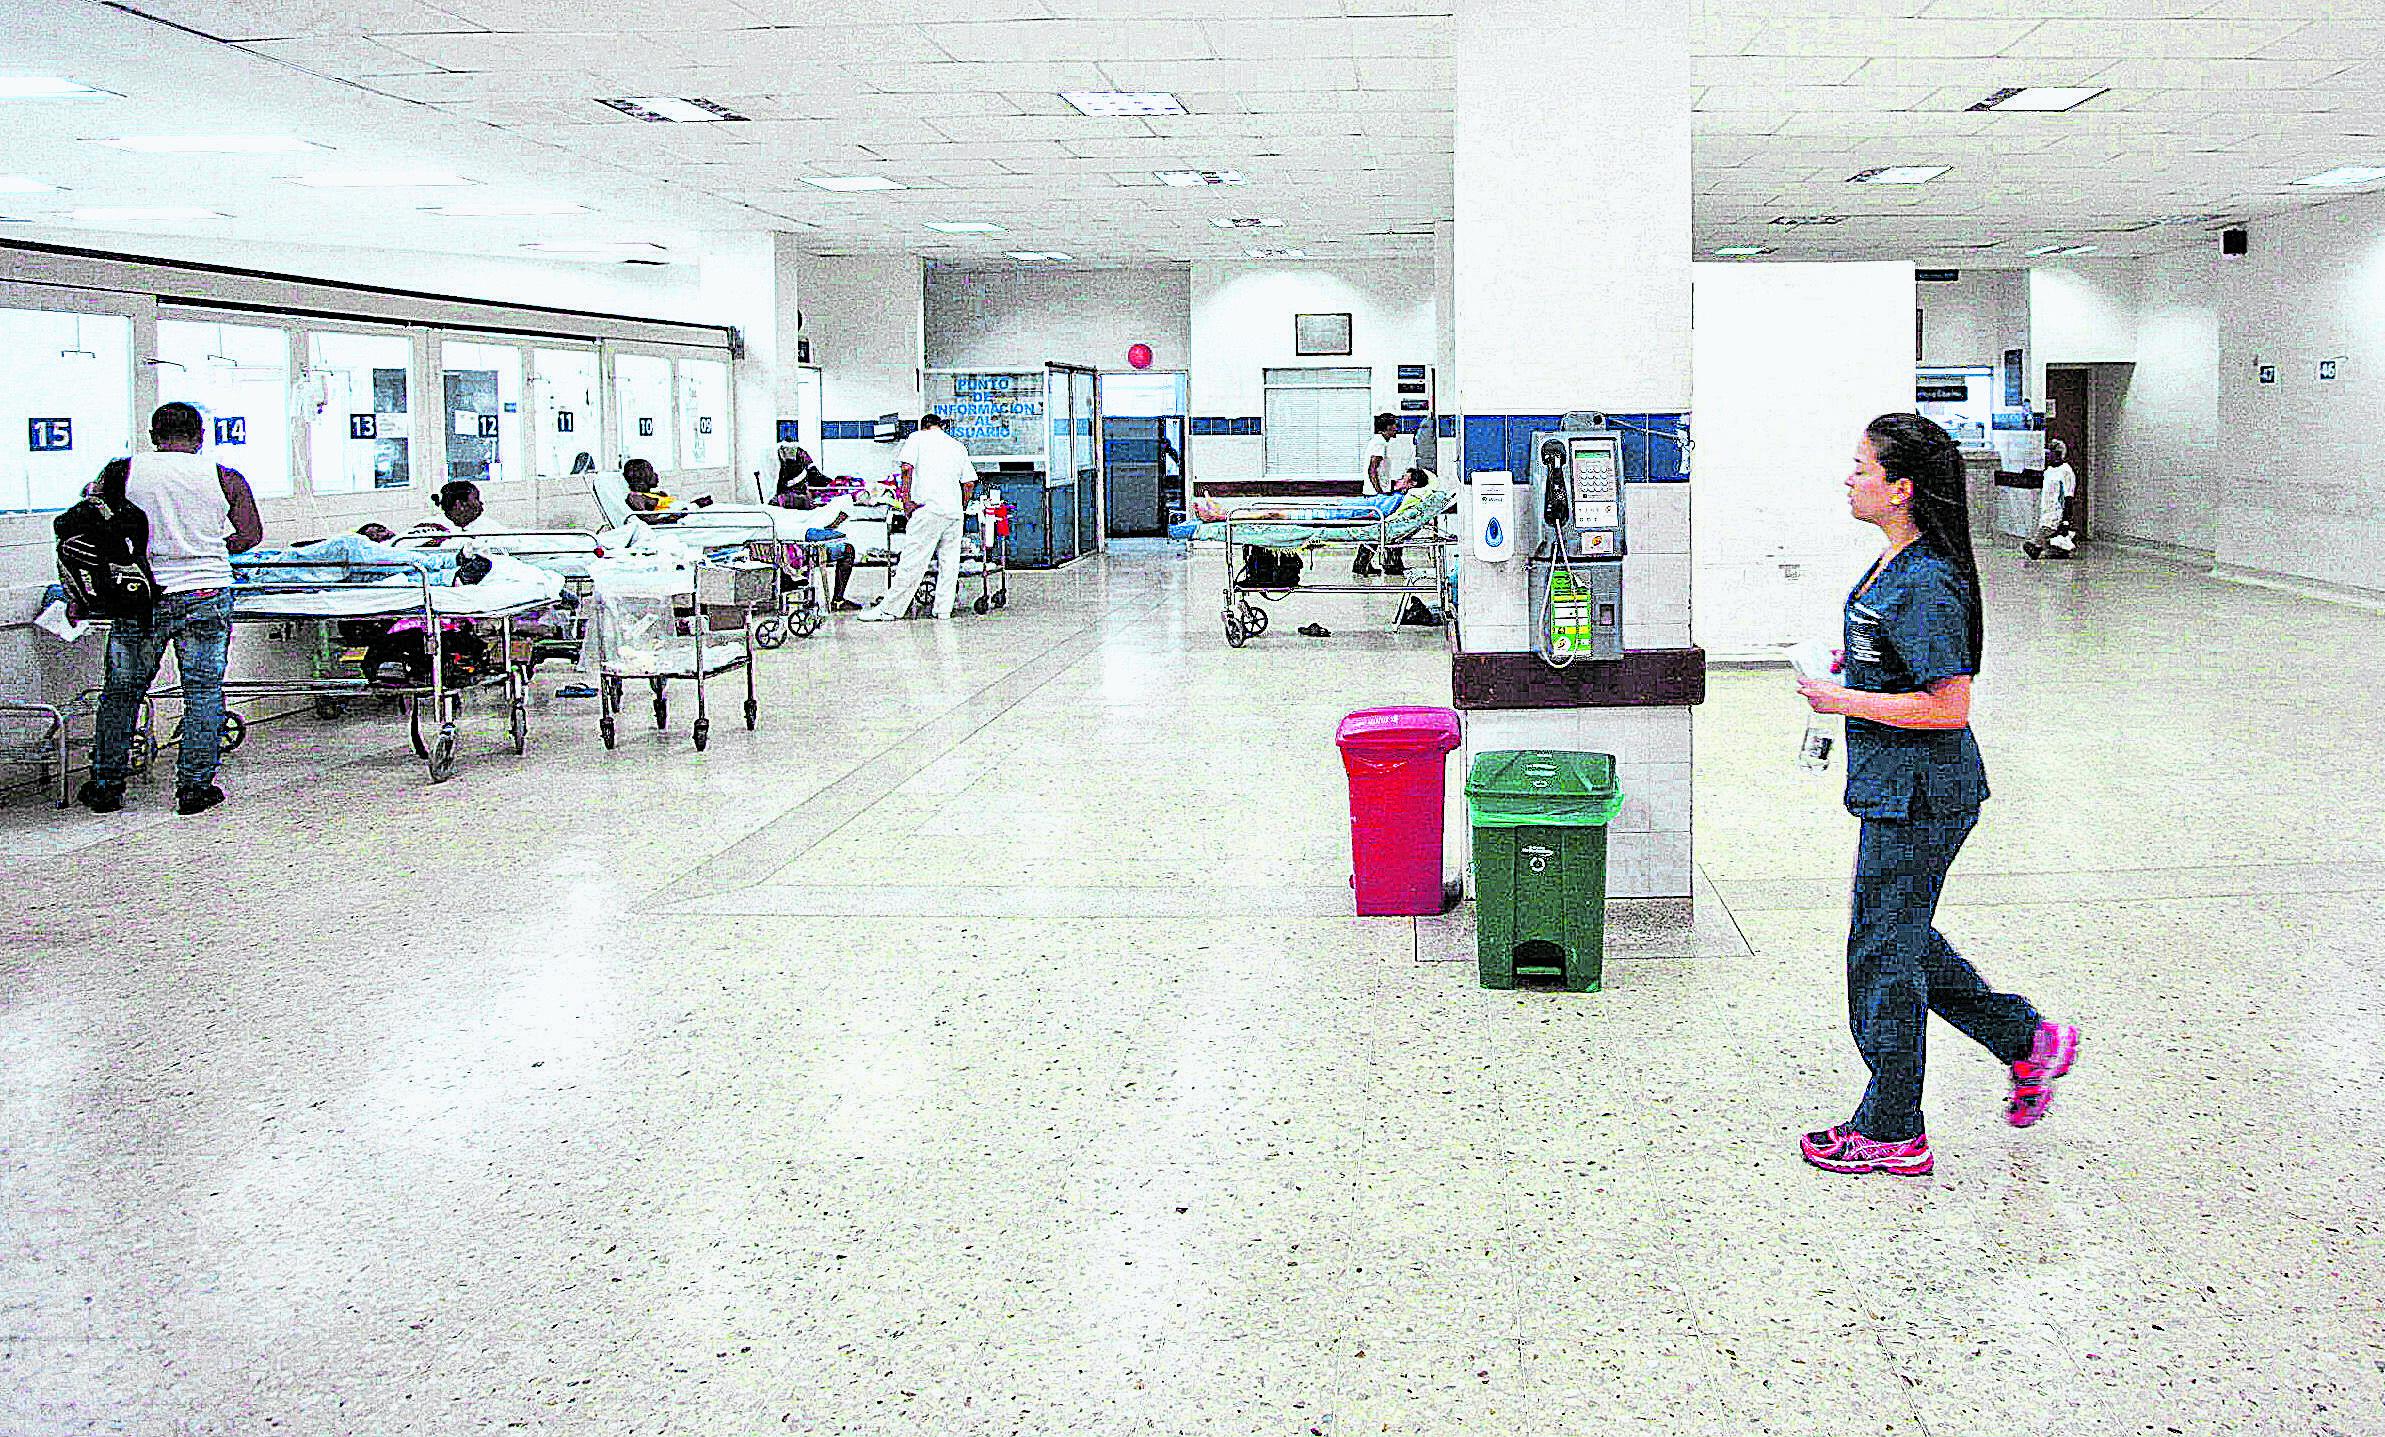 Gobernación lamenta muerte de bebé en accidente casero en La Cumbre